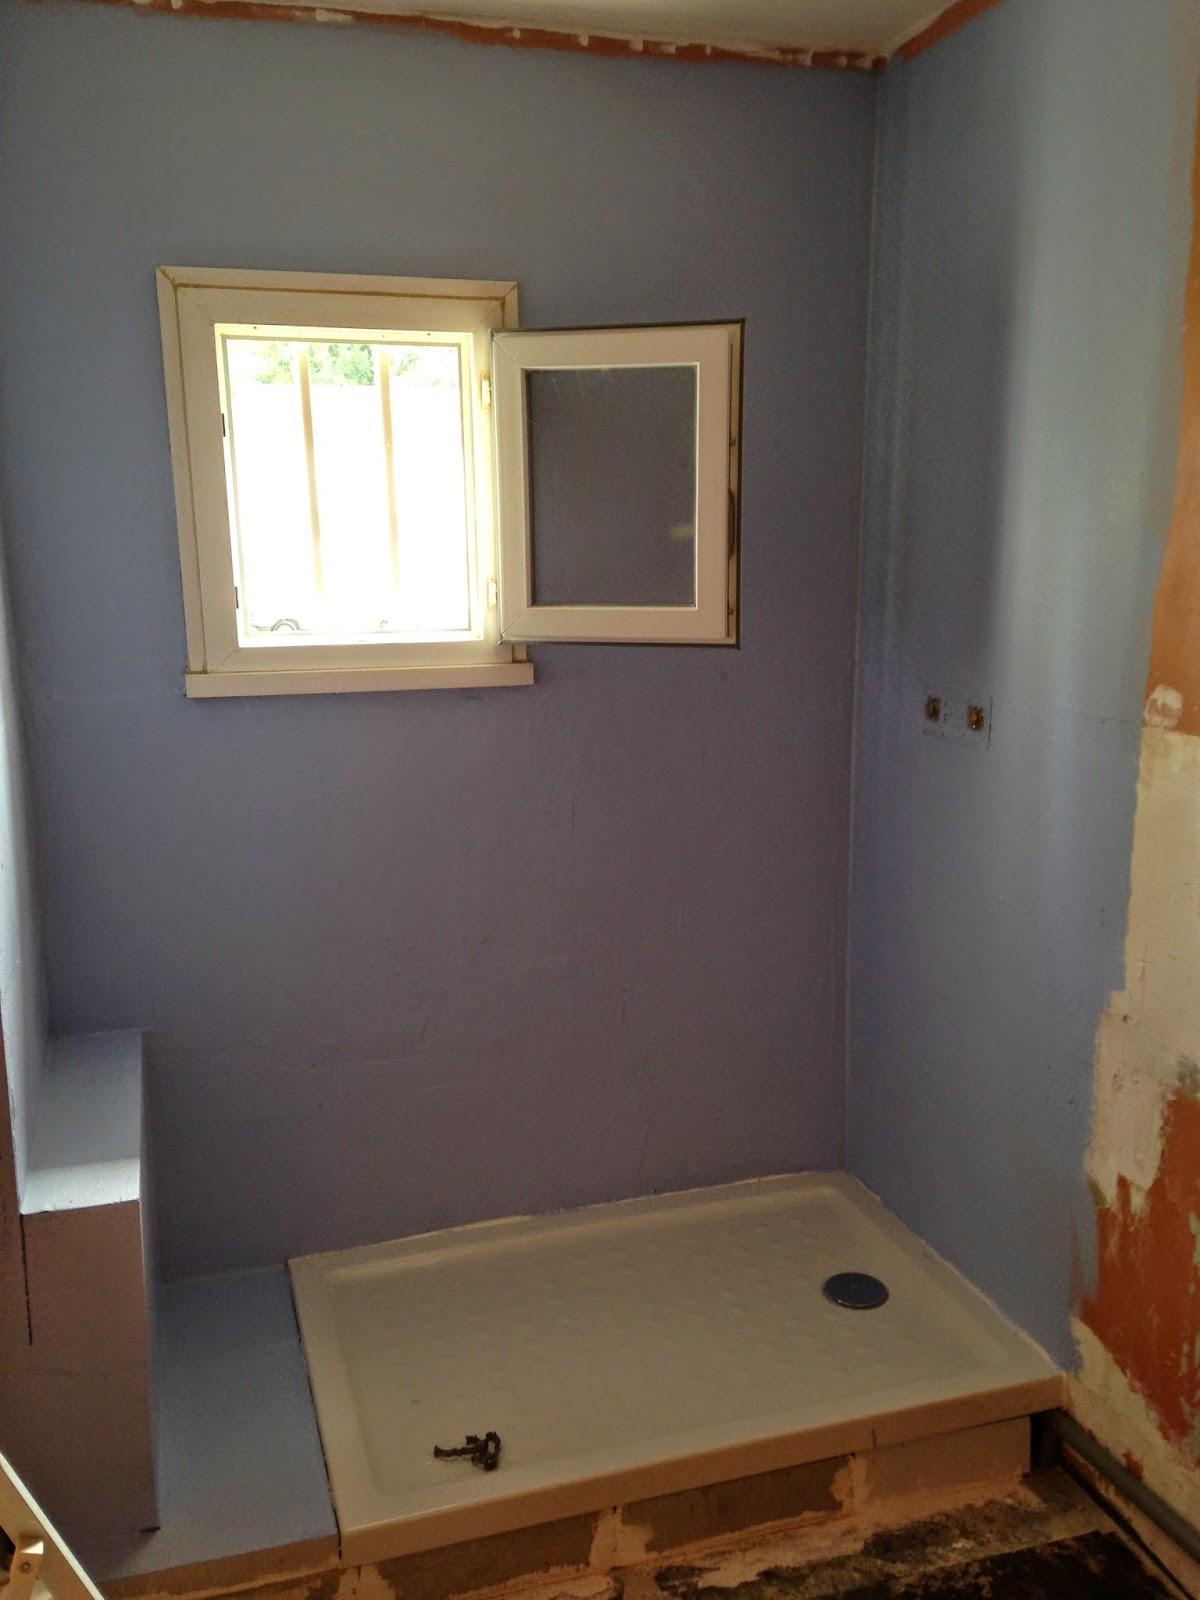 Alc plomberie salle de douche - Revetement douche etanche ...